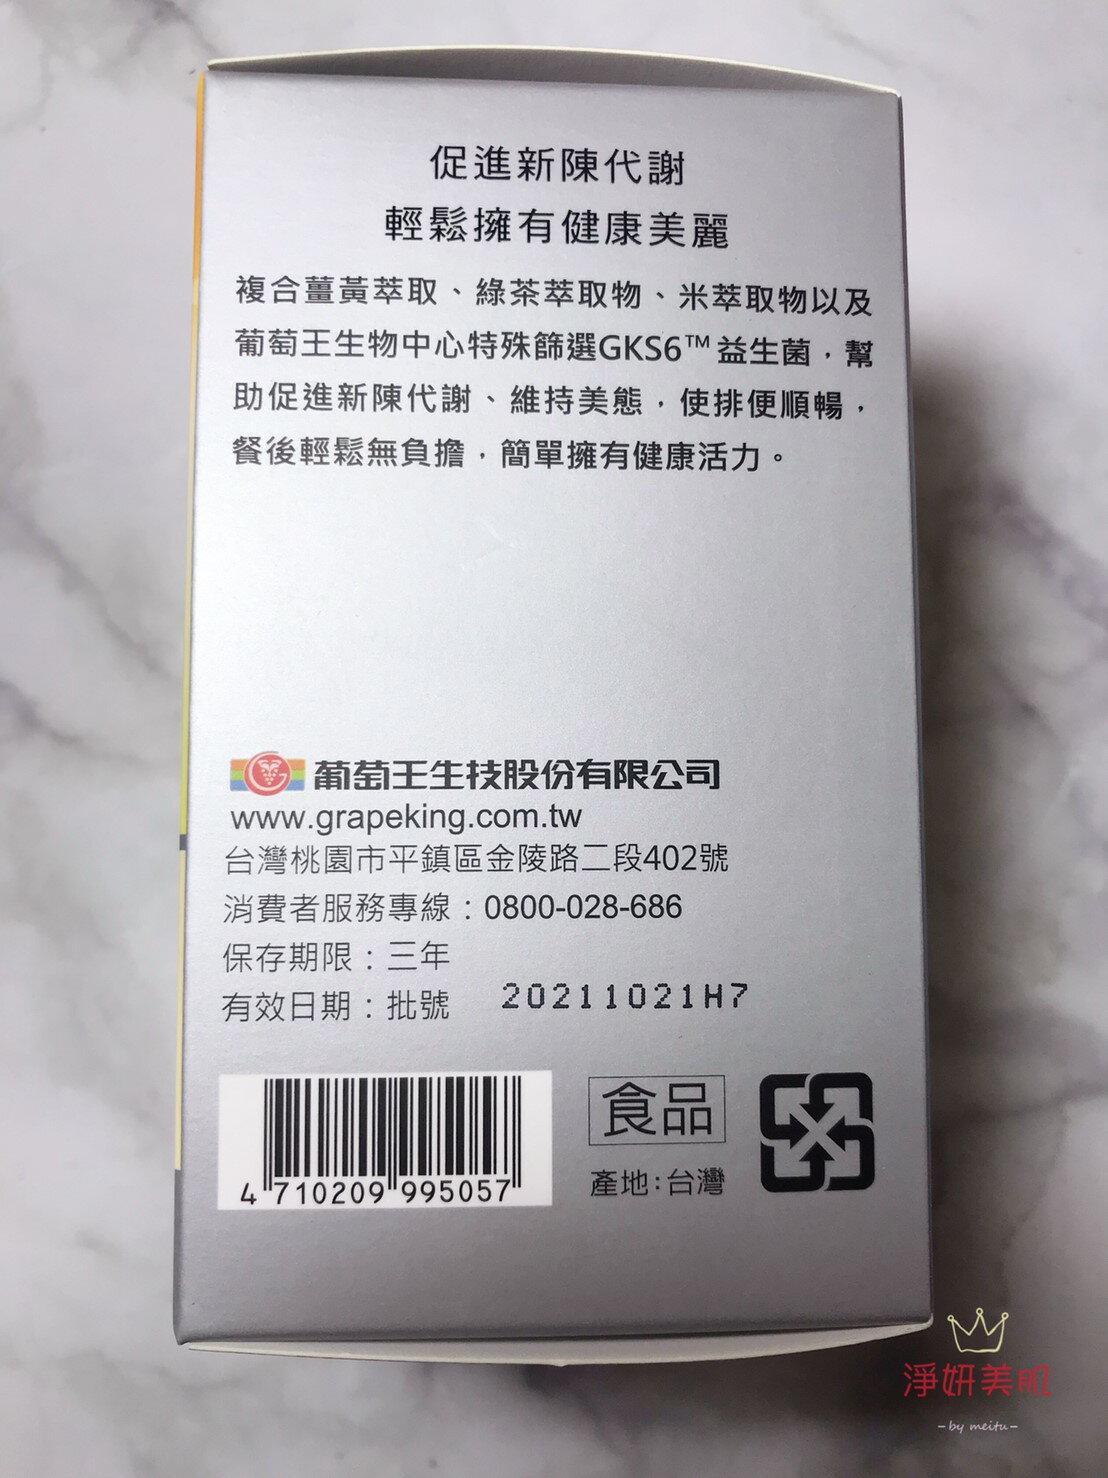 葡萄王 孅益薑黃複方膠囊(30粒 / 瓶) 效期2022.05【淨妍美肌】 2